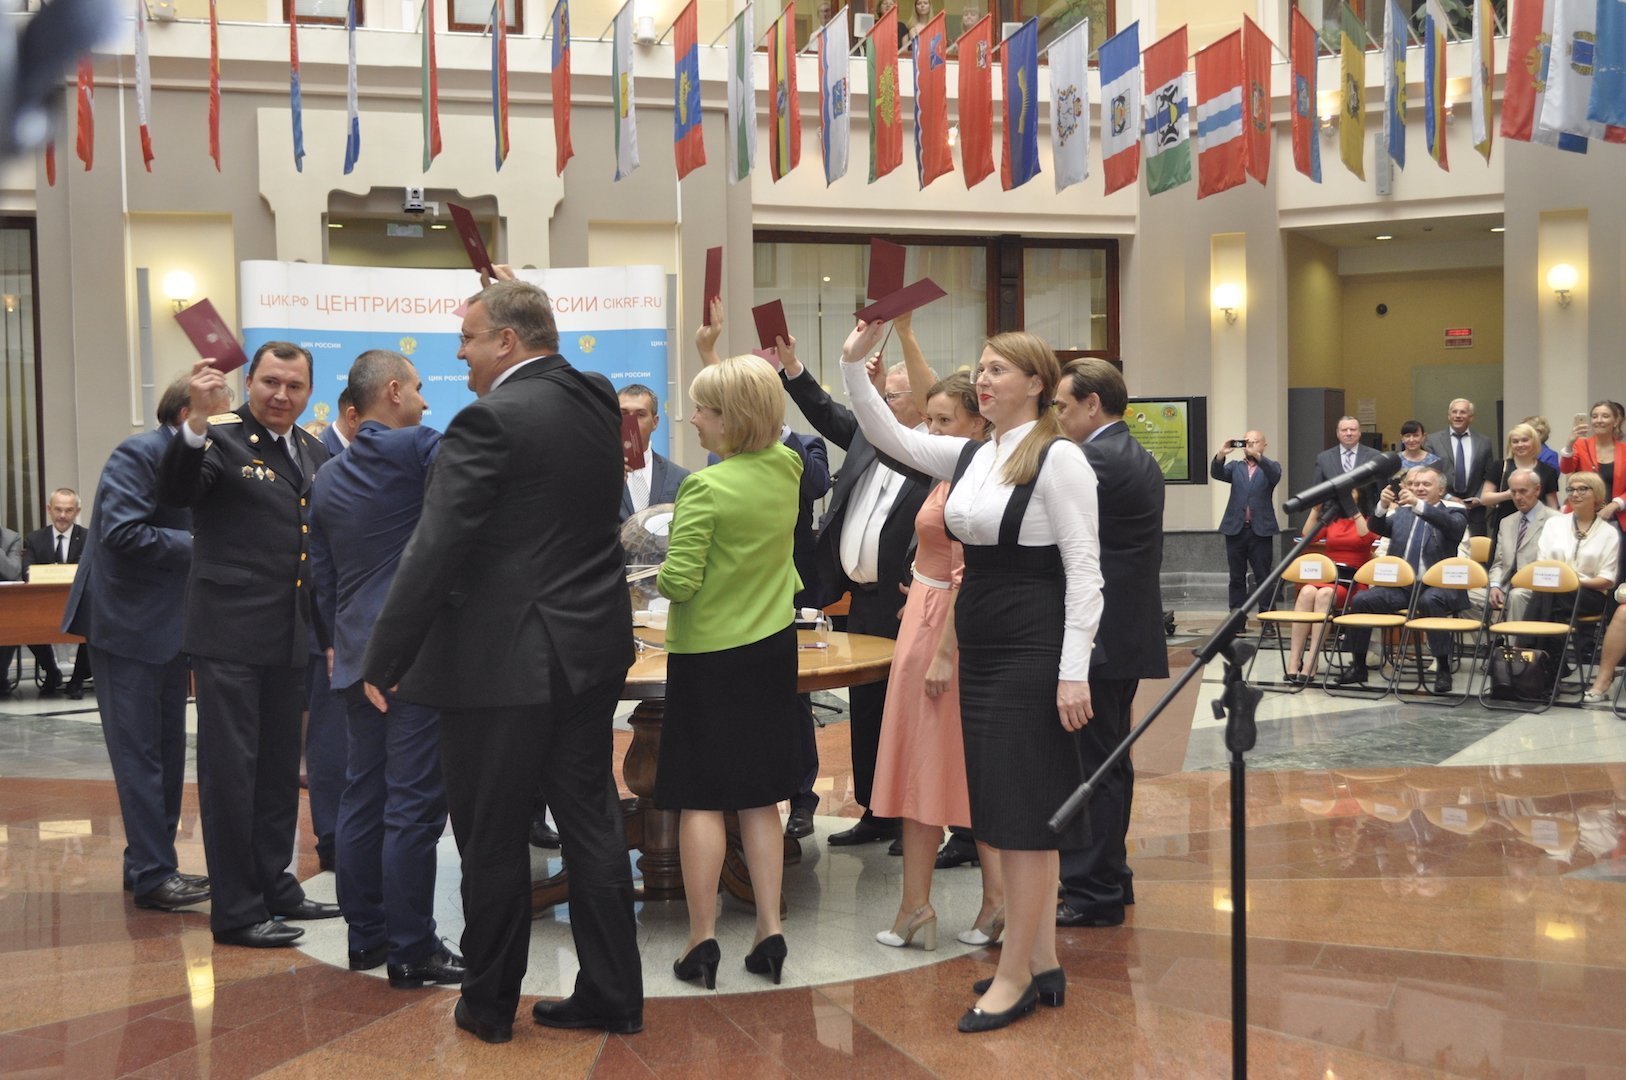 Жеребьевка мест партий в бюллетенях прошла в неофициальном формате